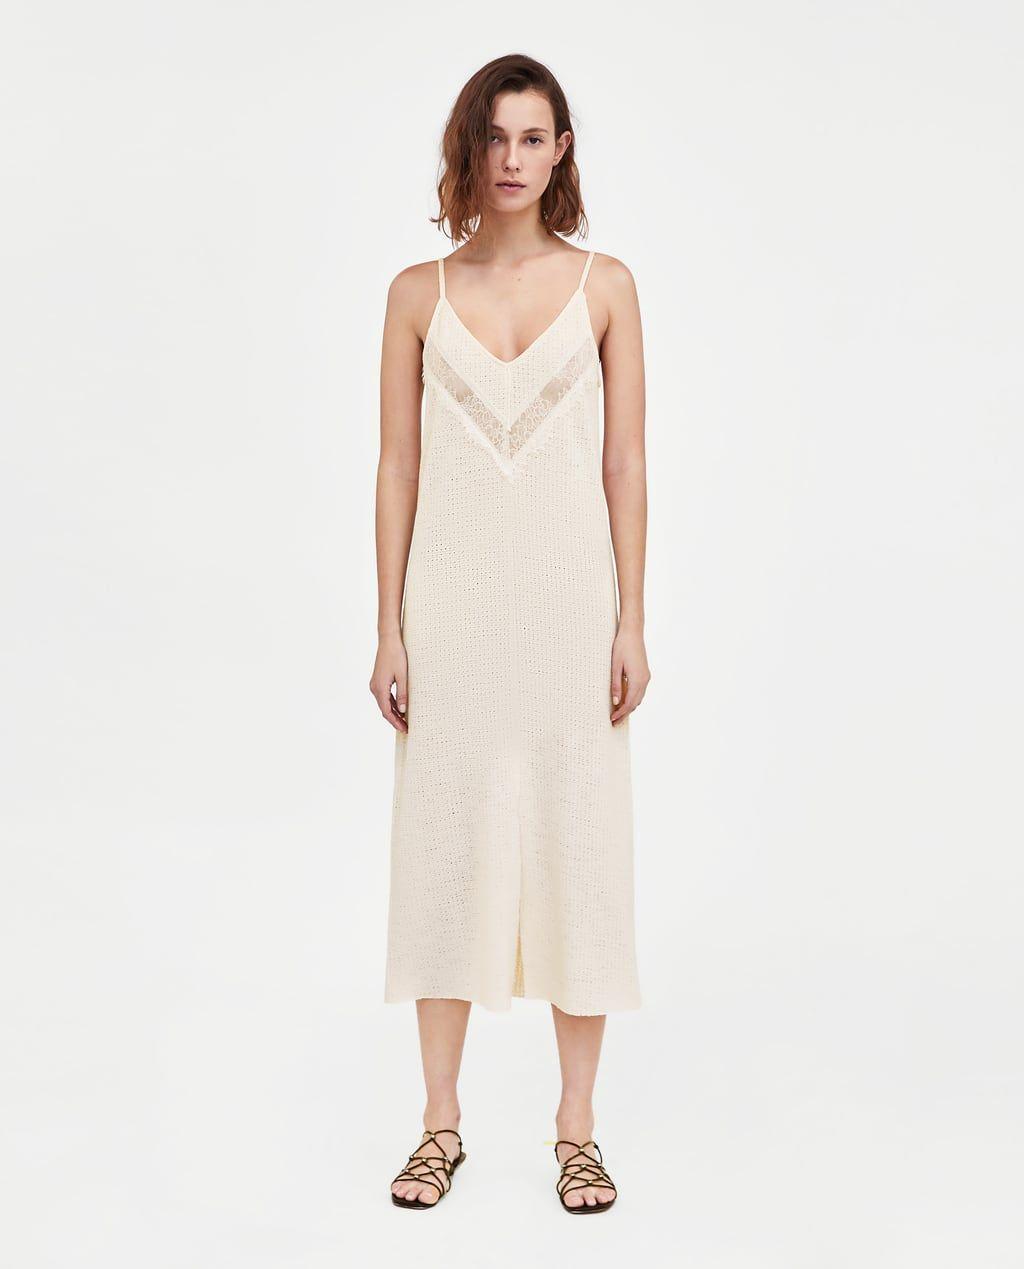 8e572e55 VESTIDO TEXTURA TIRANTES | Wedding dresses & jumpsuits | Dresses ...